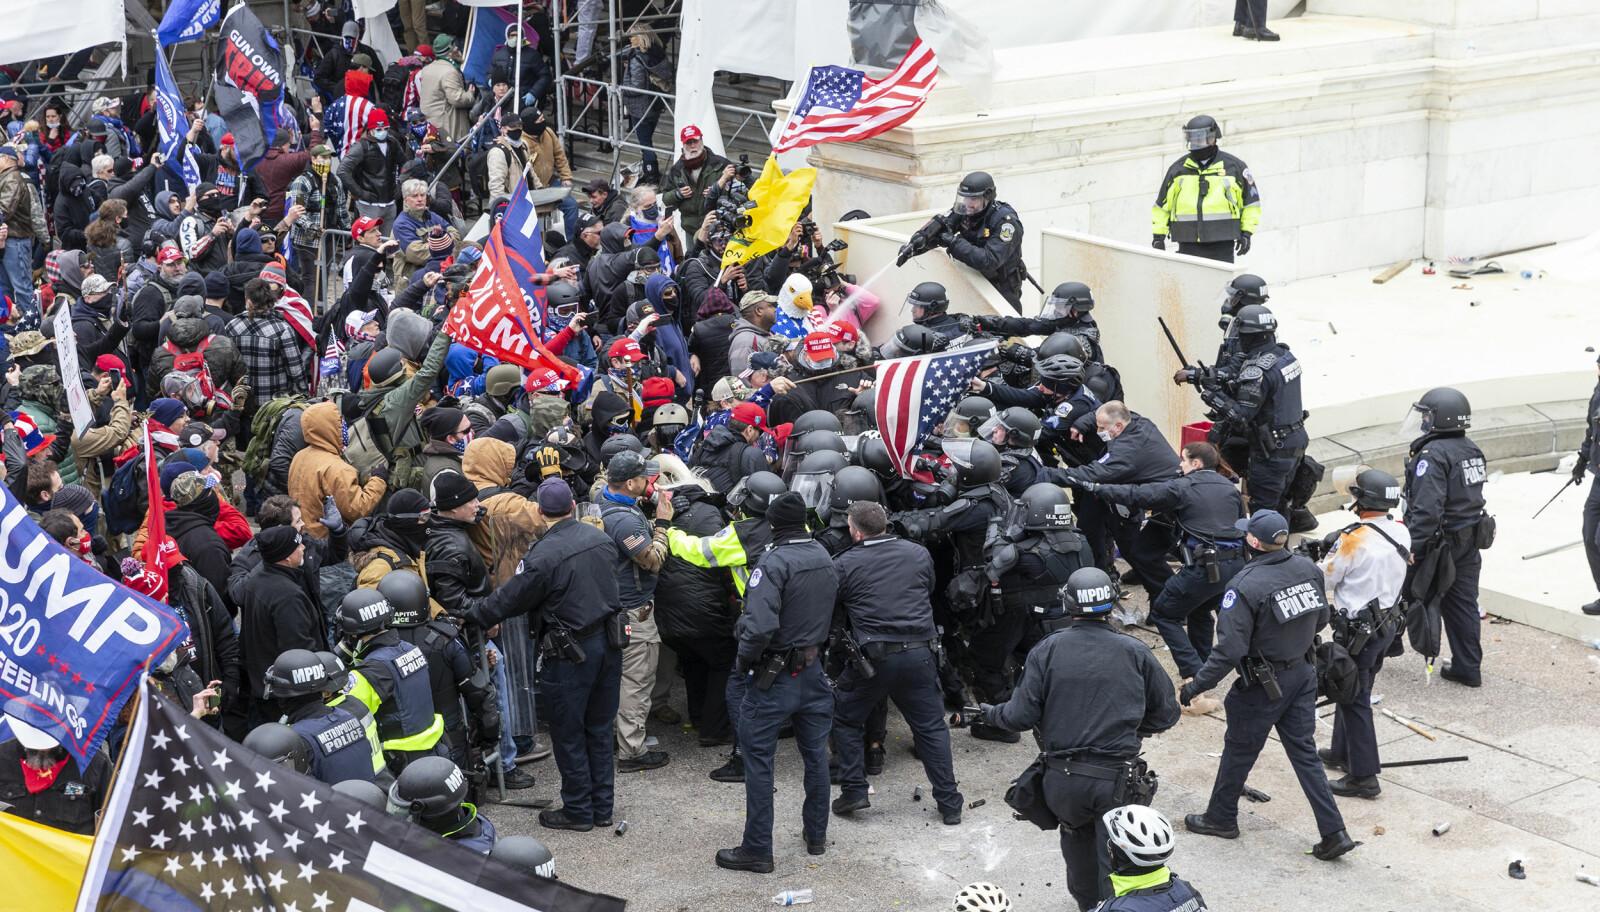 Sammenstøt mellom politi og demonstranter i Washington D.C.